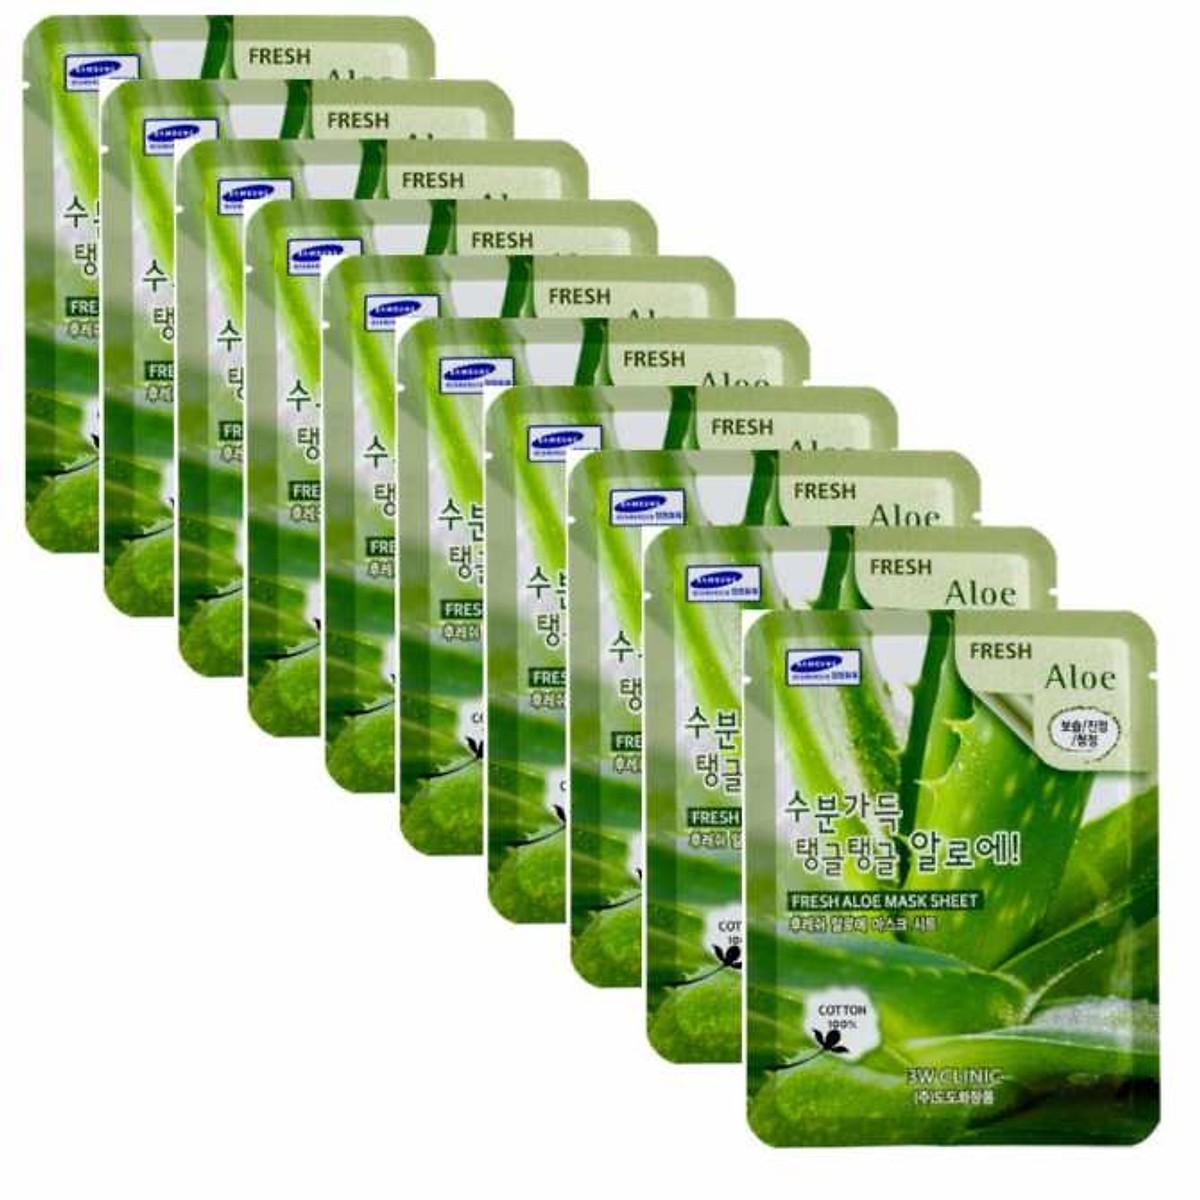 Combo Sữa rửa mặt chiết xuất từ than hoạt tính 3W CLINIC CHARCOAL CLEANSING FOAM và Bộ 10 gói mặt nạ dưỡng ẩm da chiết xuất nha đam 3W Clinic Fresh Aloe Mask Sheet